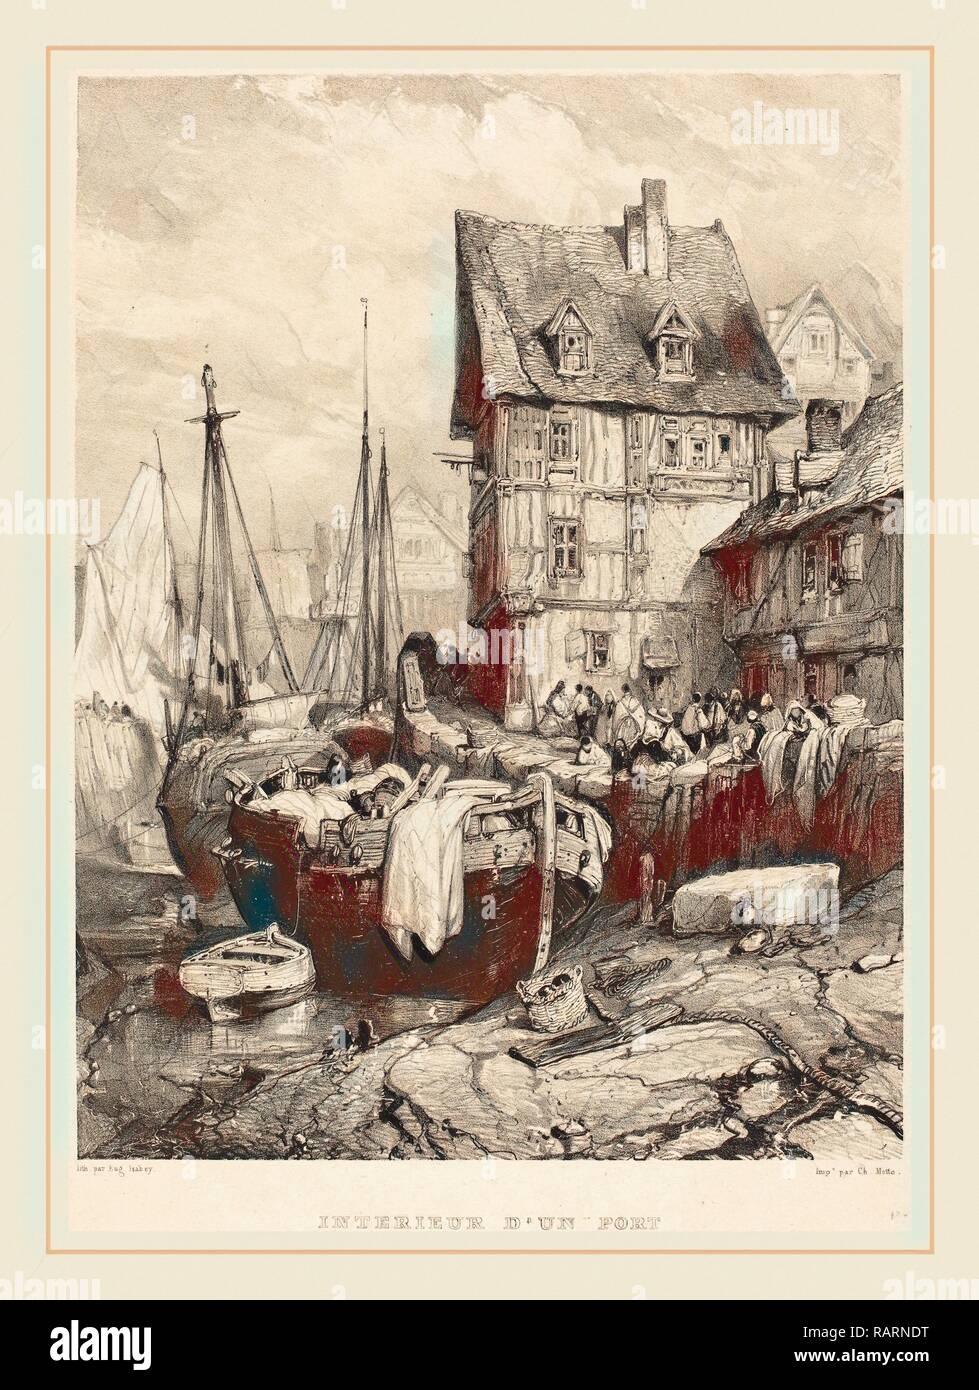 Eugène Isabey (Französisch, 1803-1886), Intérieur d'un Port, 1833, Lithographie. Neuerfundene durch Gibon. Klassische Kunst mit einem Neuerfundene Stockbild